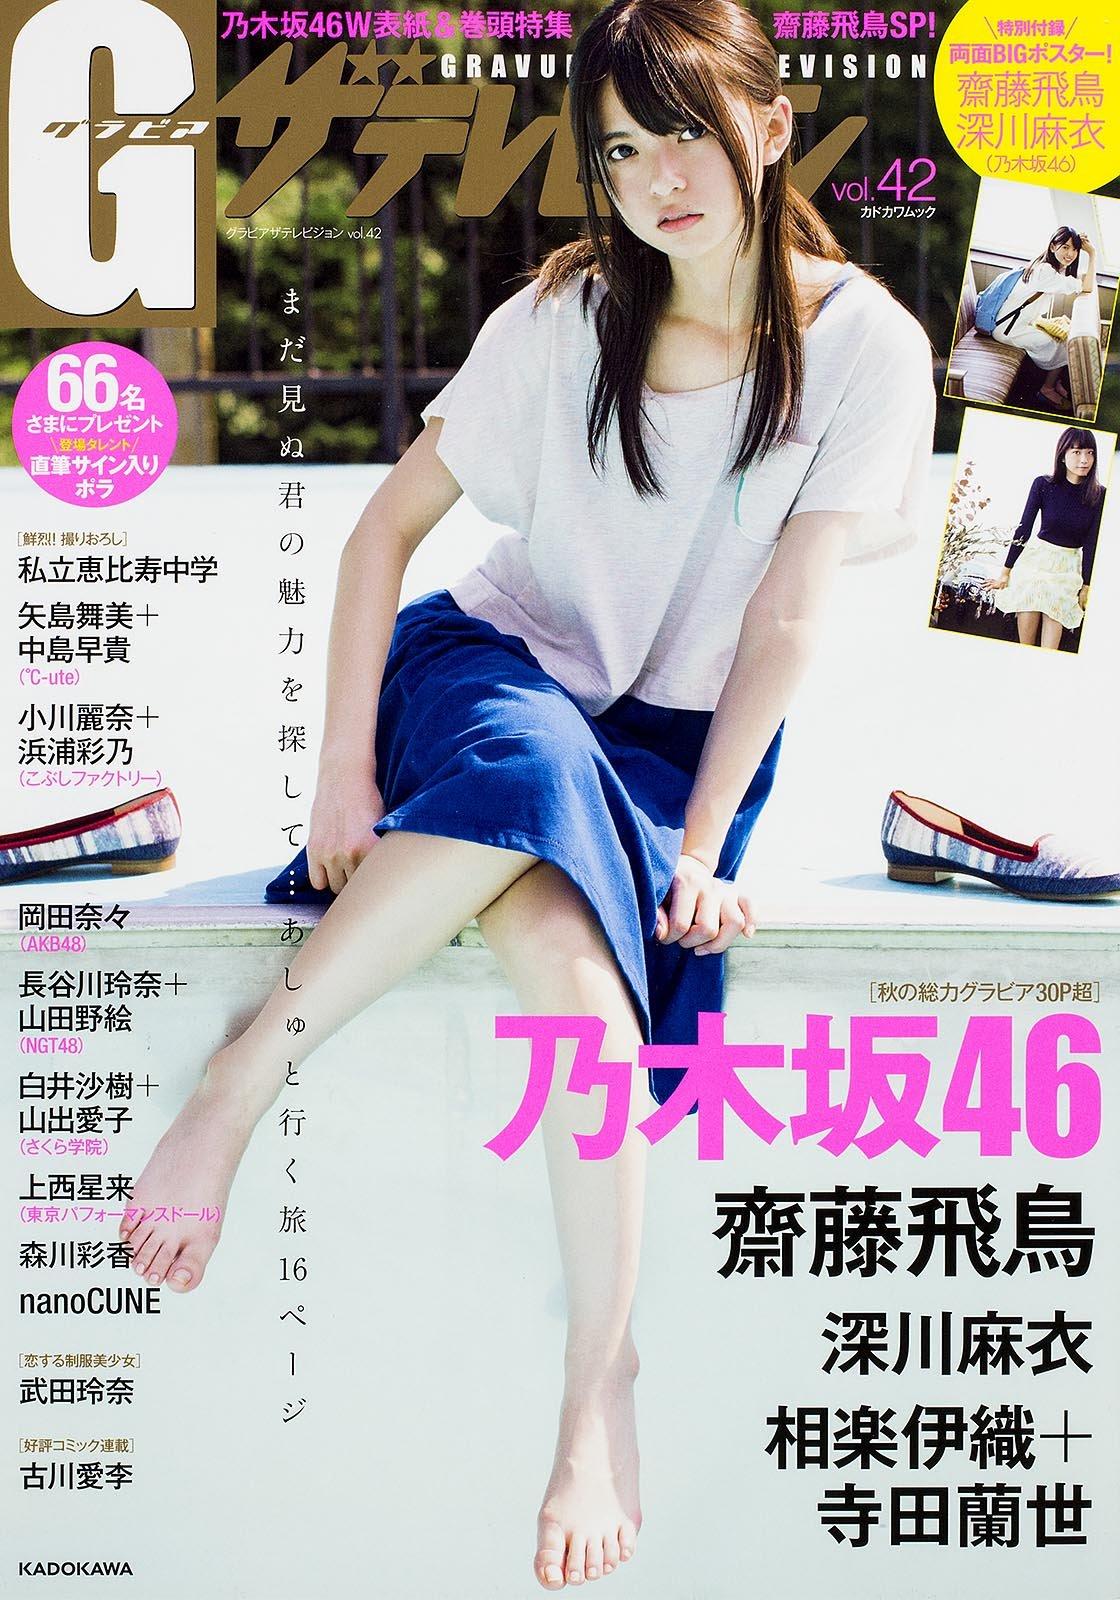 齋藤飛鳥 深川麻衣 Gグラビア ザテレビジョン vol.42